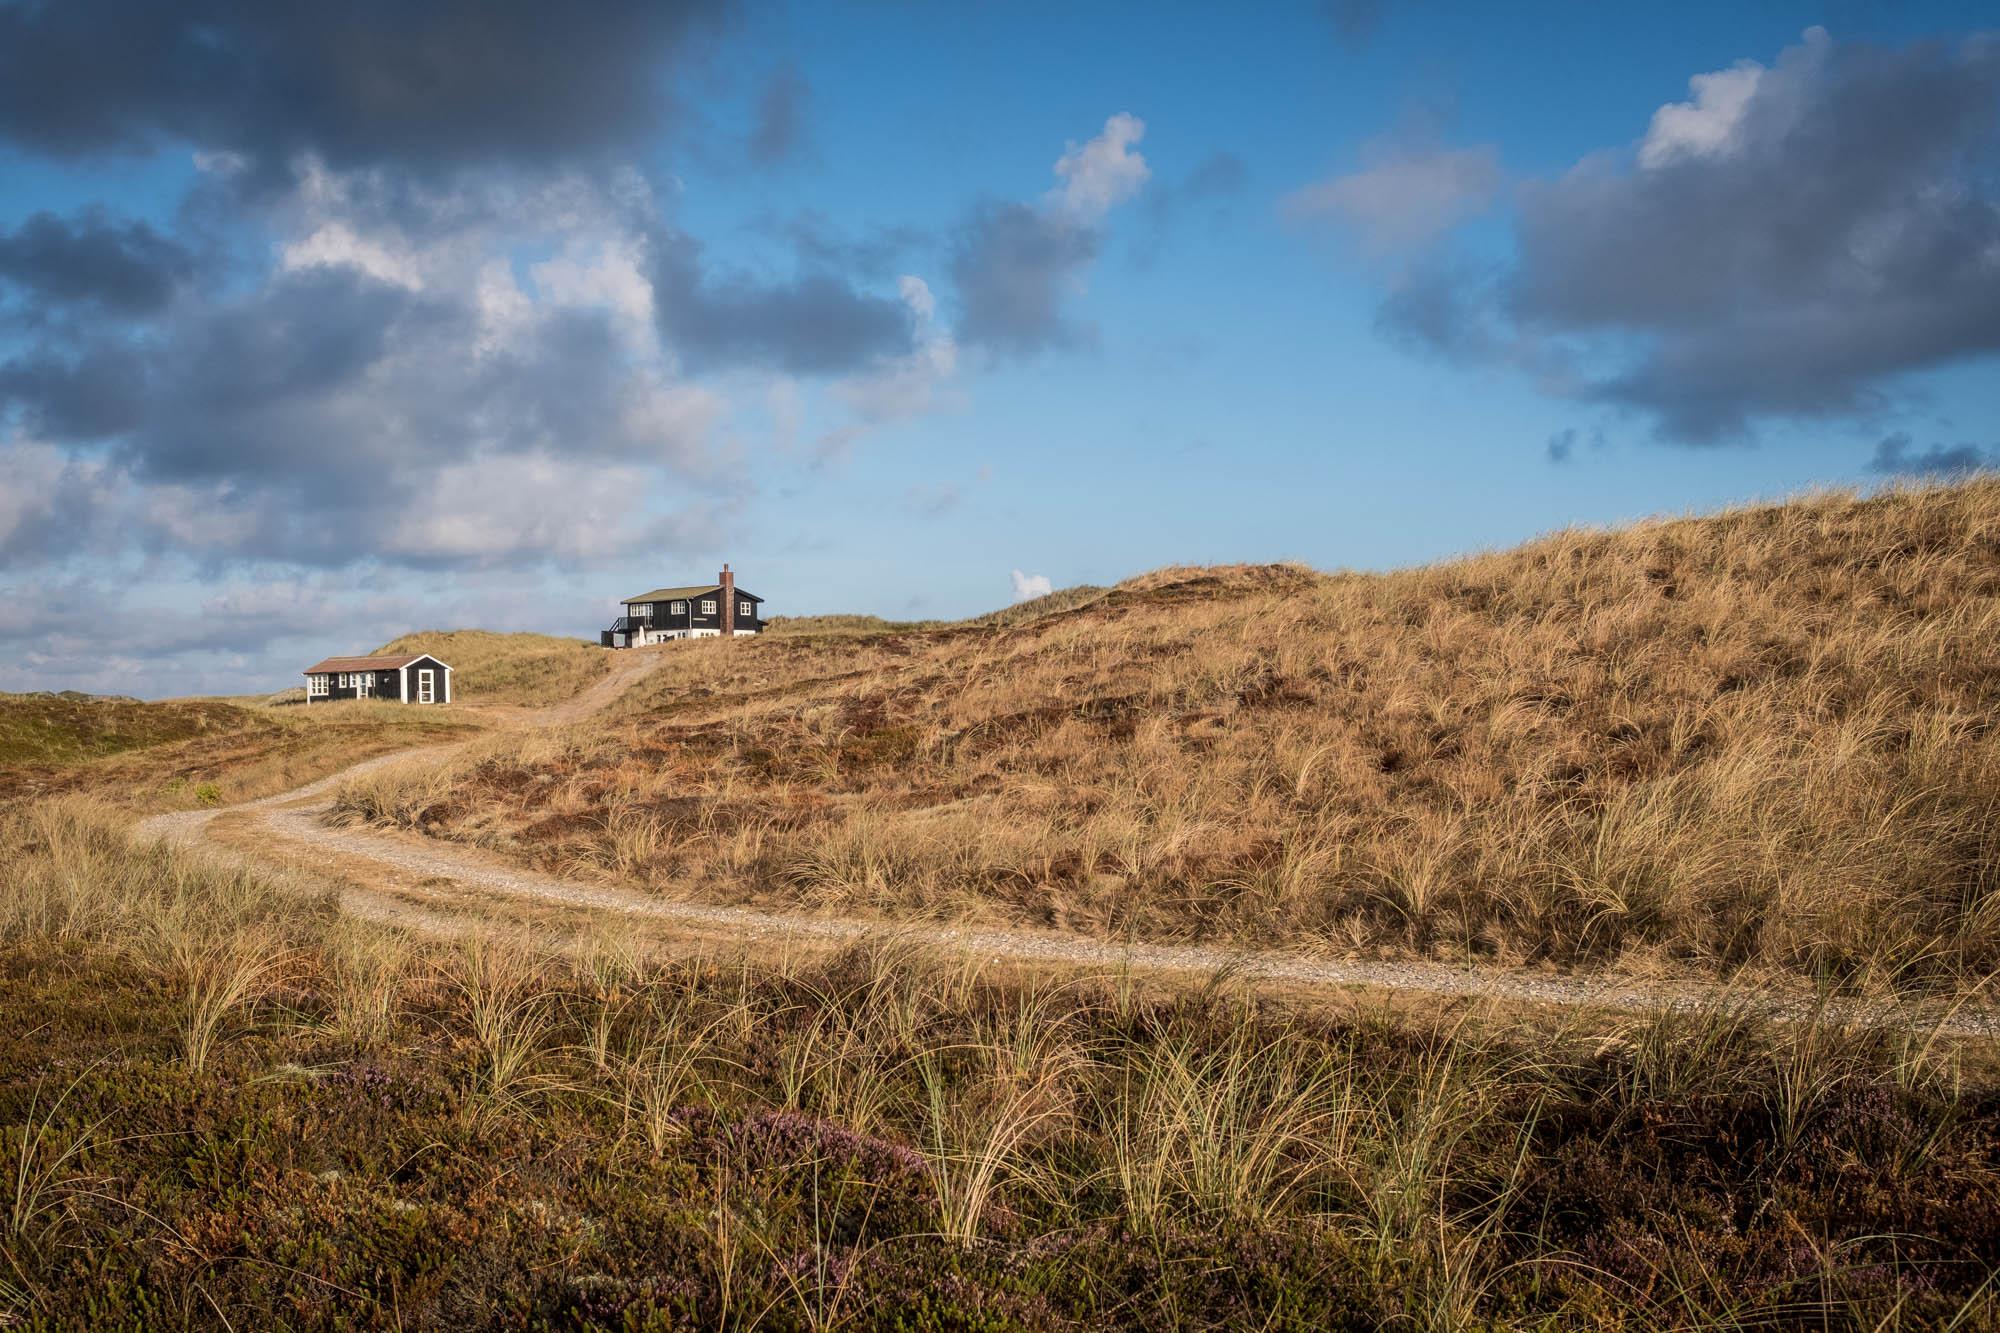 landschaftsfotografie-kamera-empfehlung